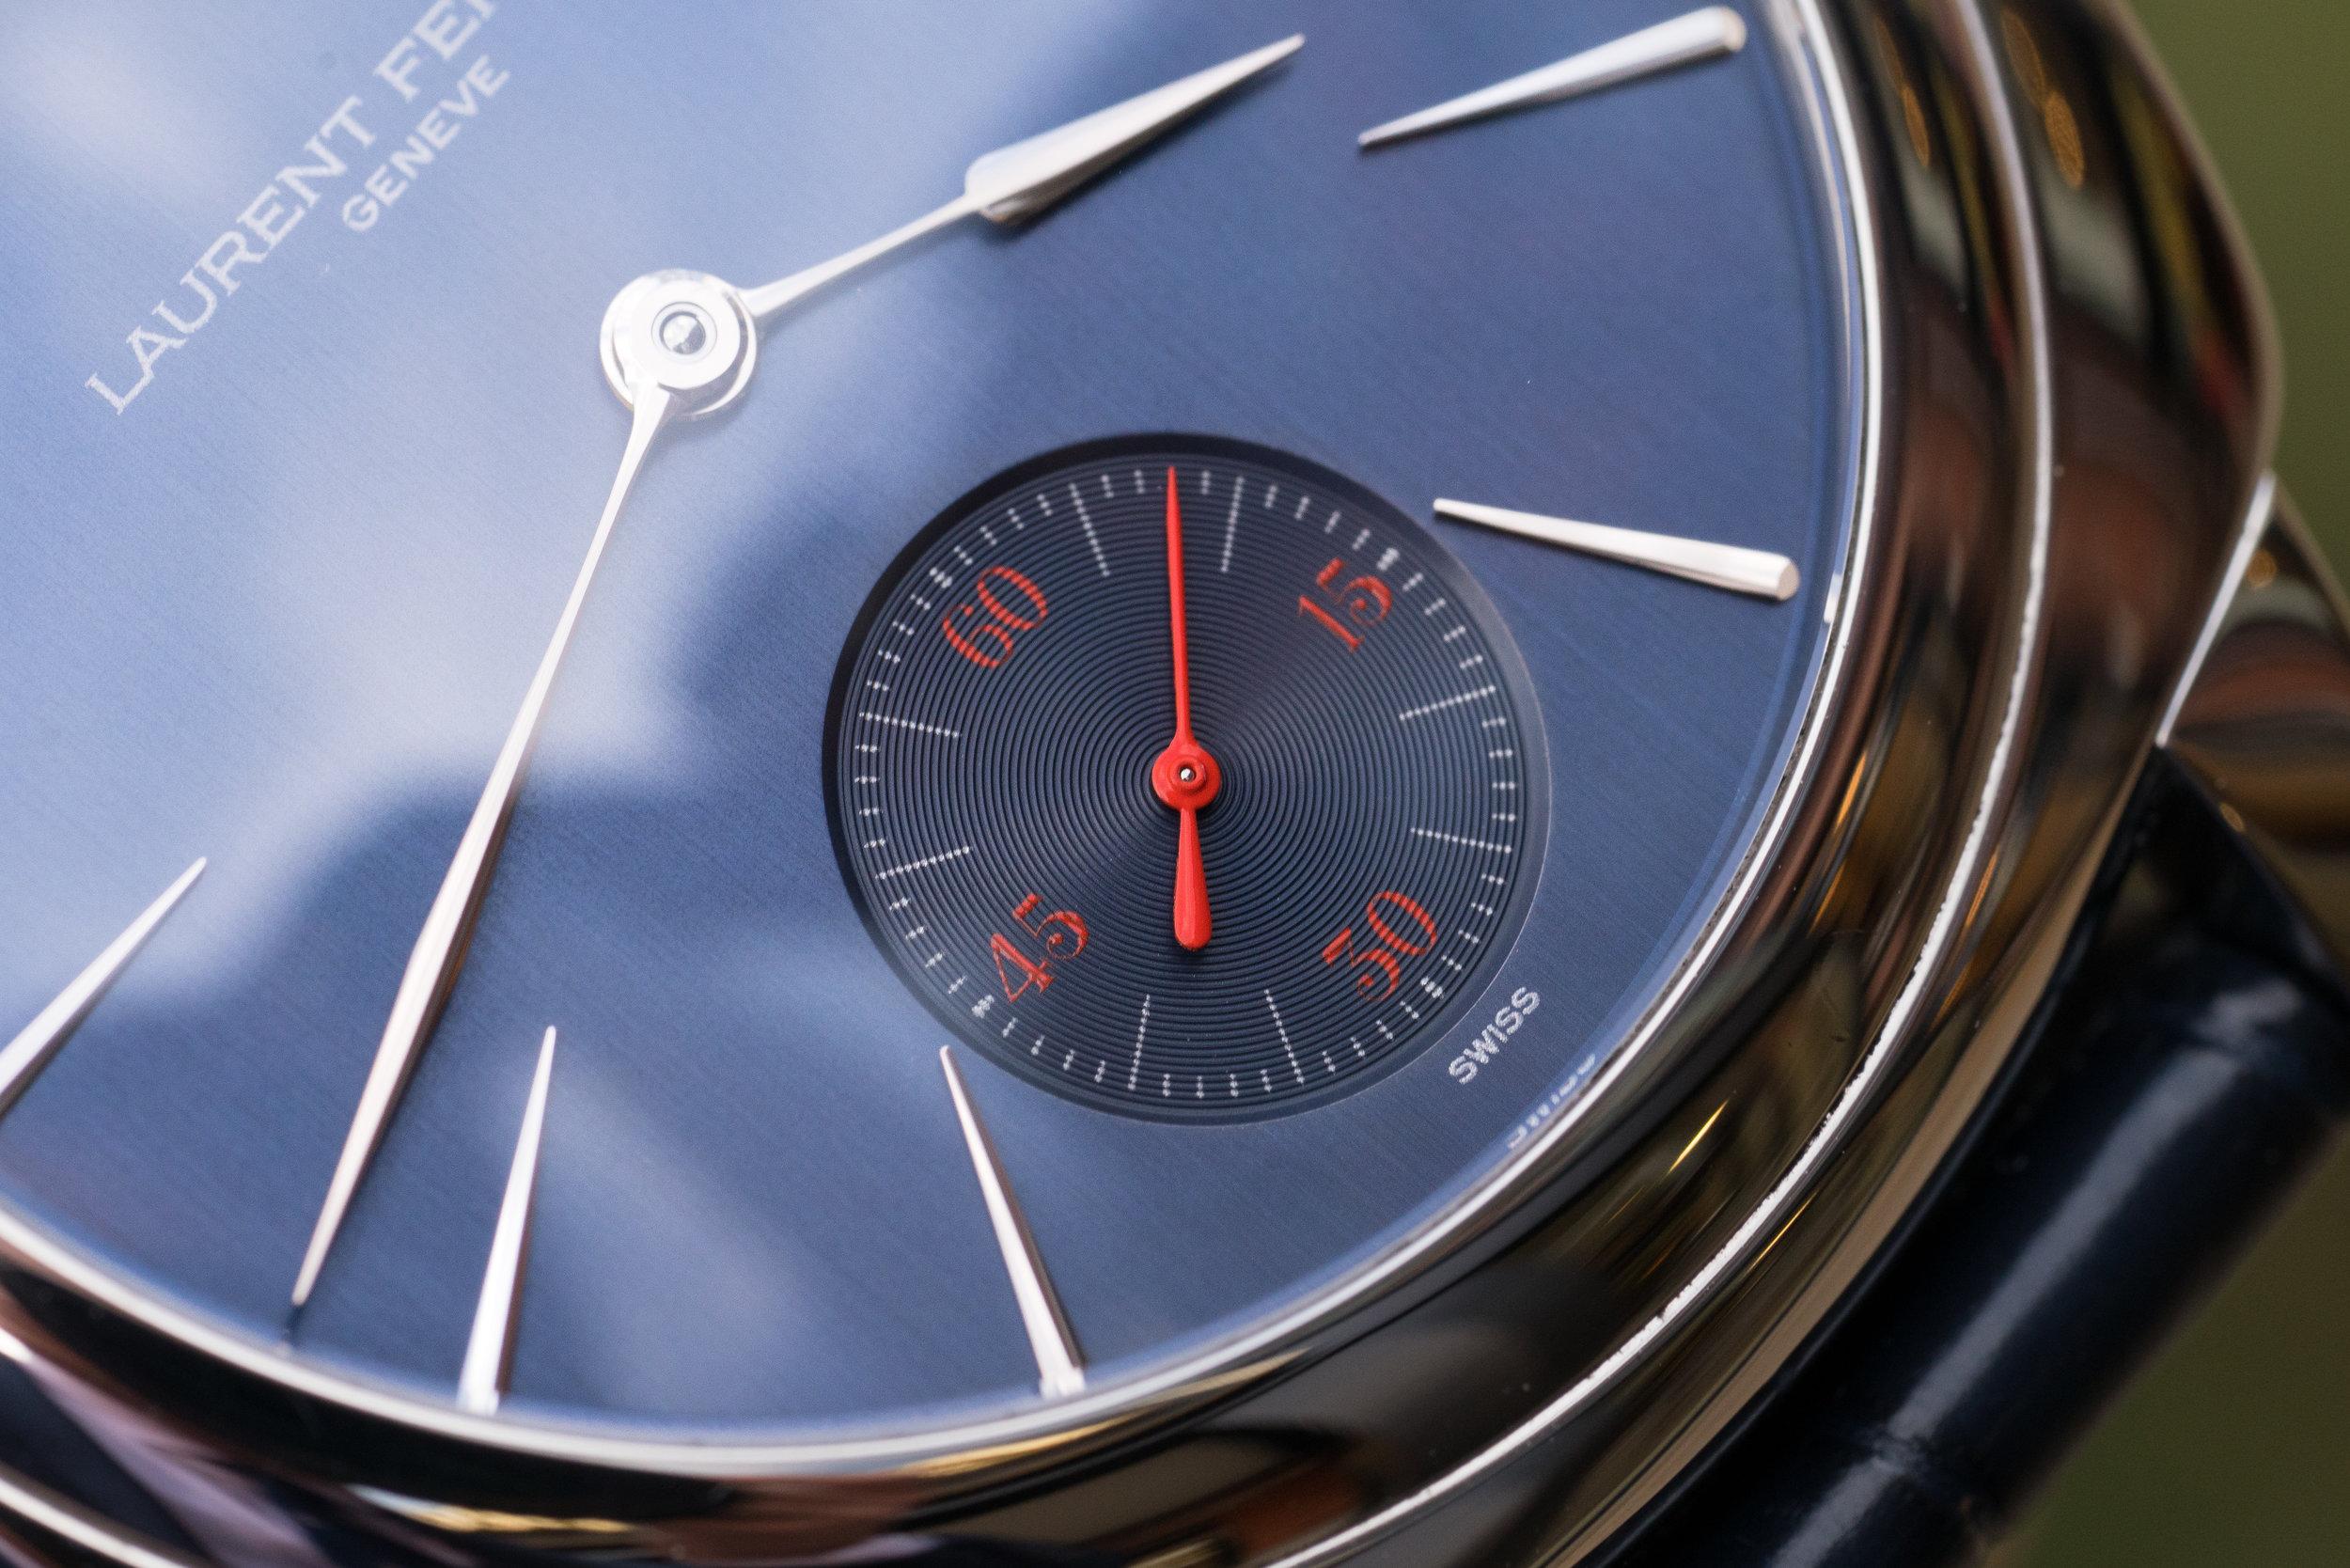 Taken for European Watch Company